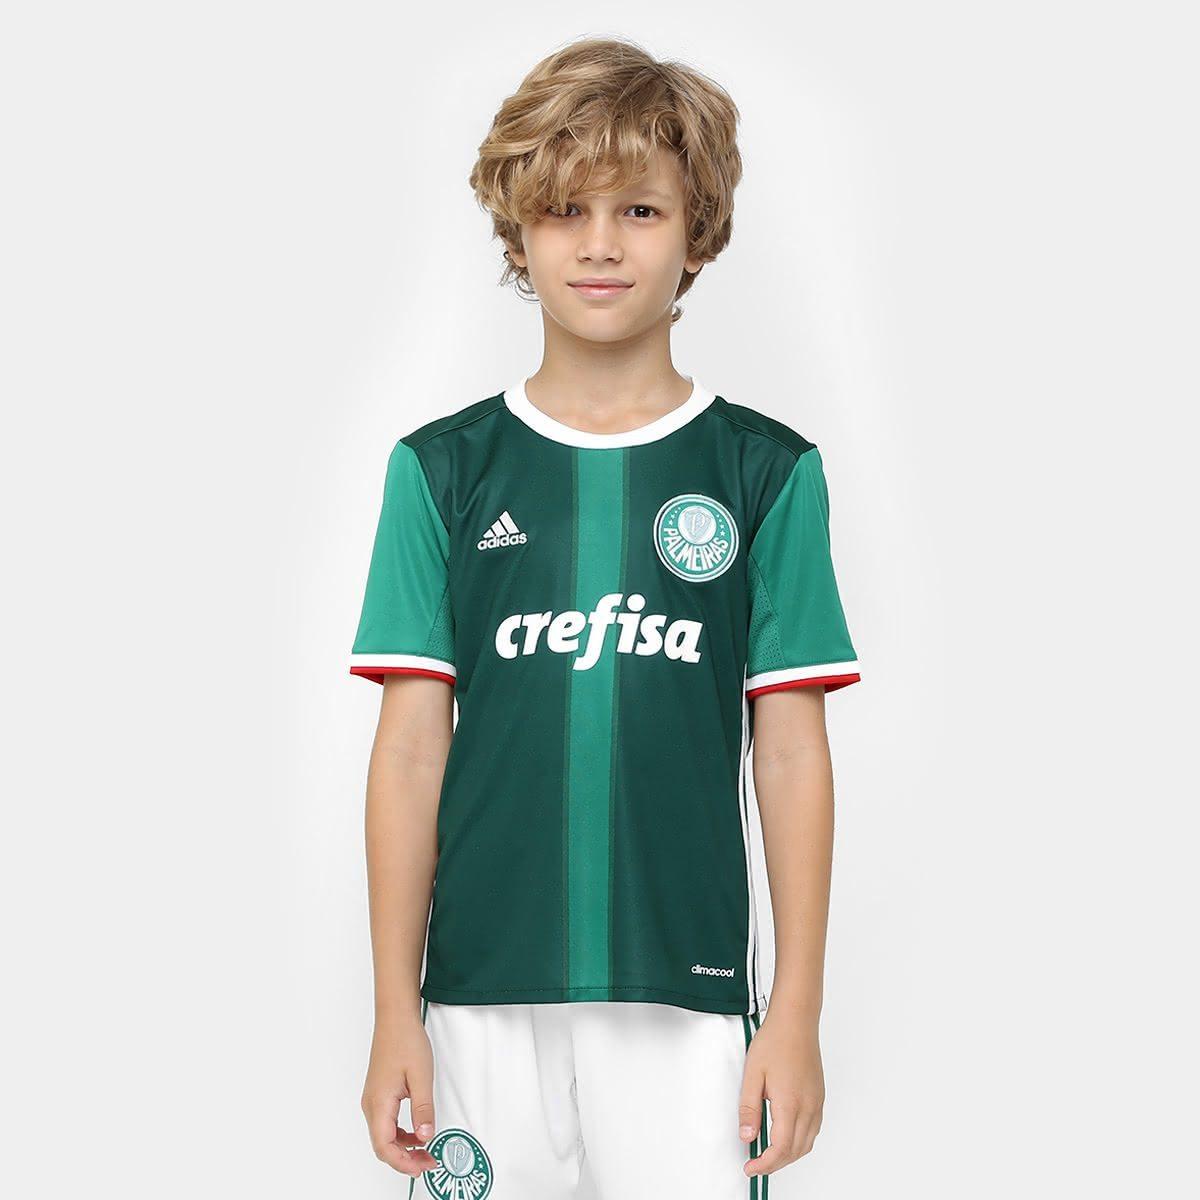 c43f8da52be79 O seu pequeno palmeirense não pode ficar sem essa nova Camisa Palmeiras  Infantil. Você vai ver como esse modelo vai surpreender a criança e o  quanto ela vai ...